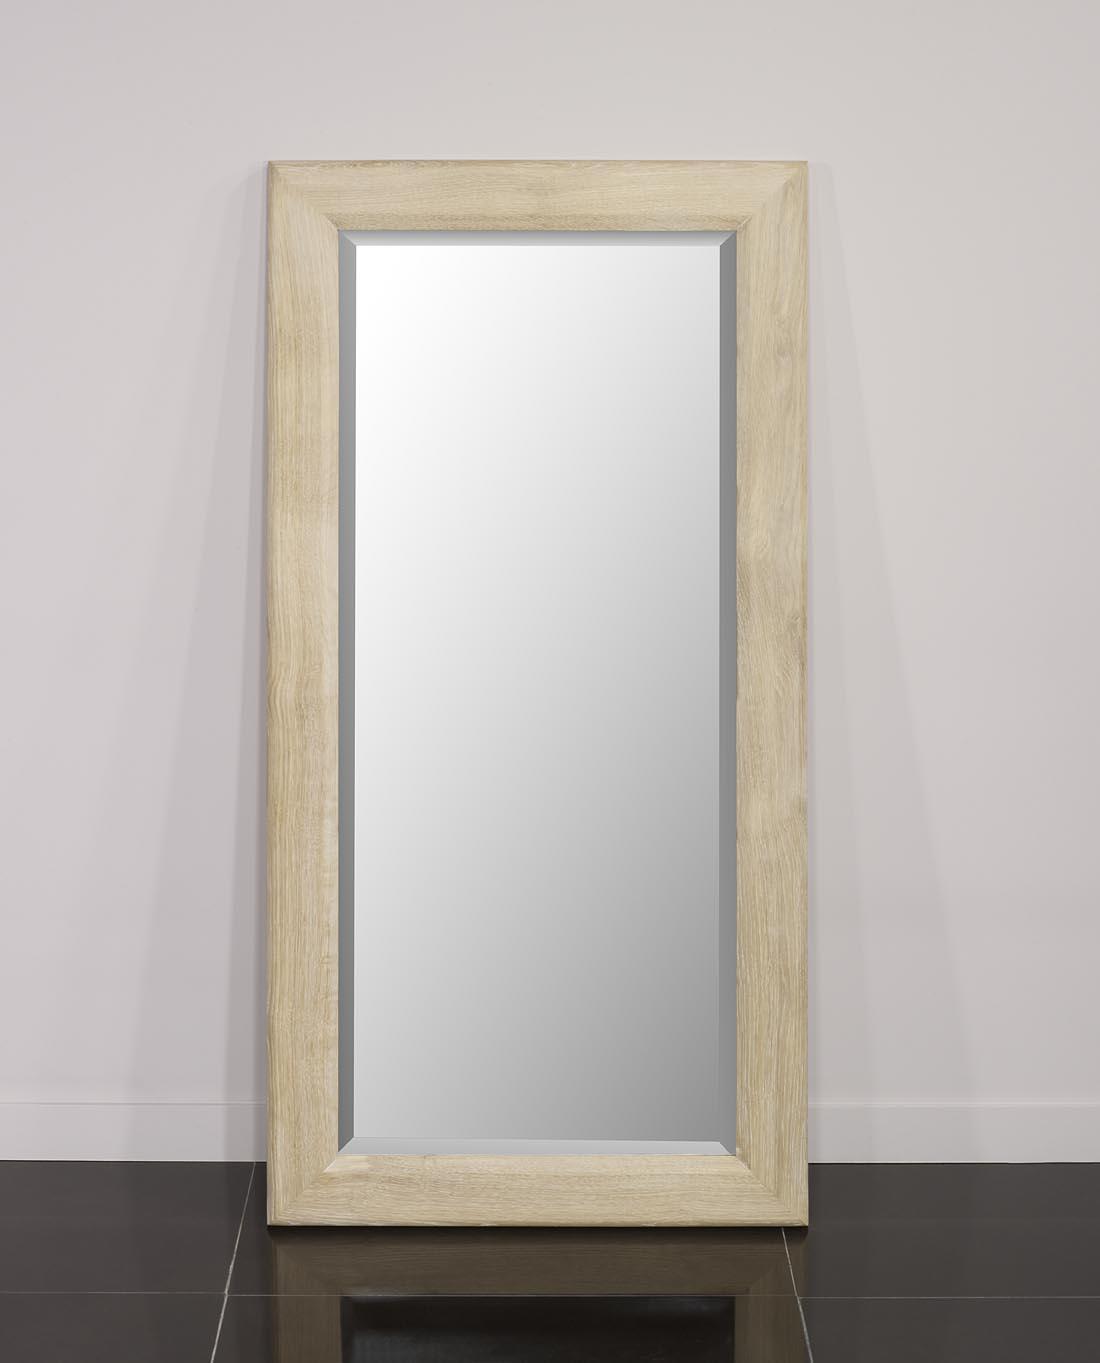 miroir glace biseaut e 120x60 en ch ne massif finition